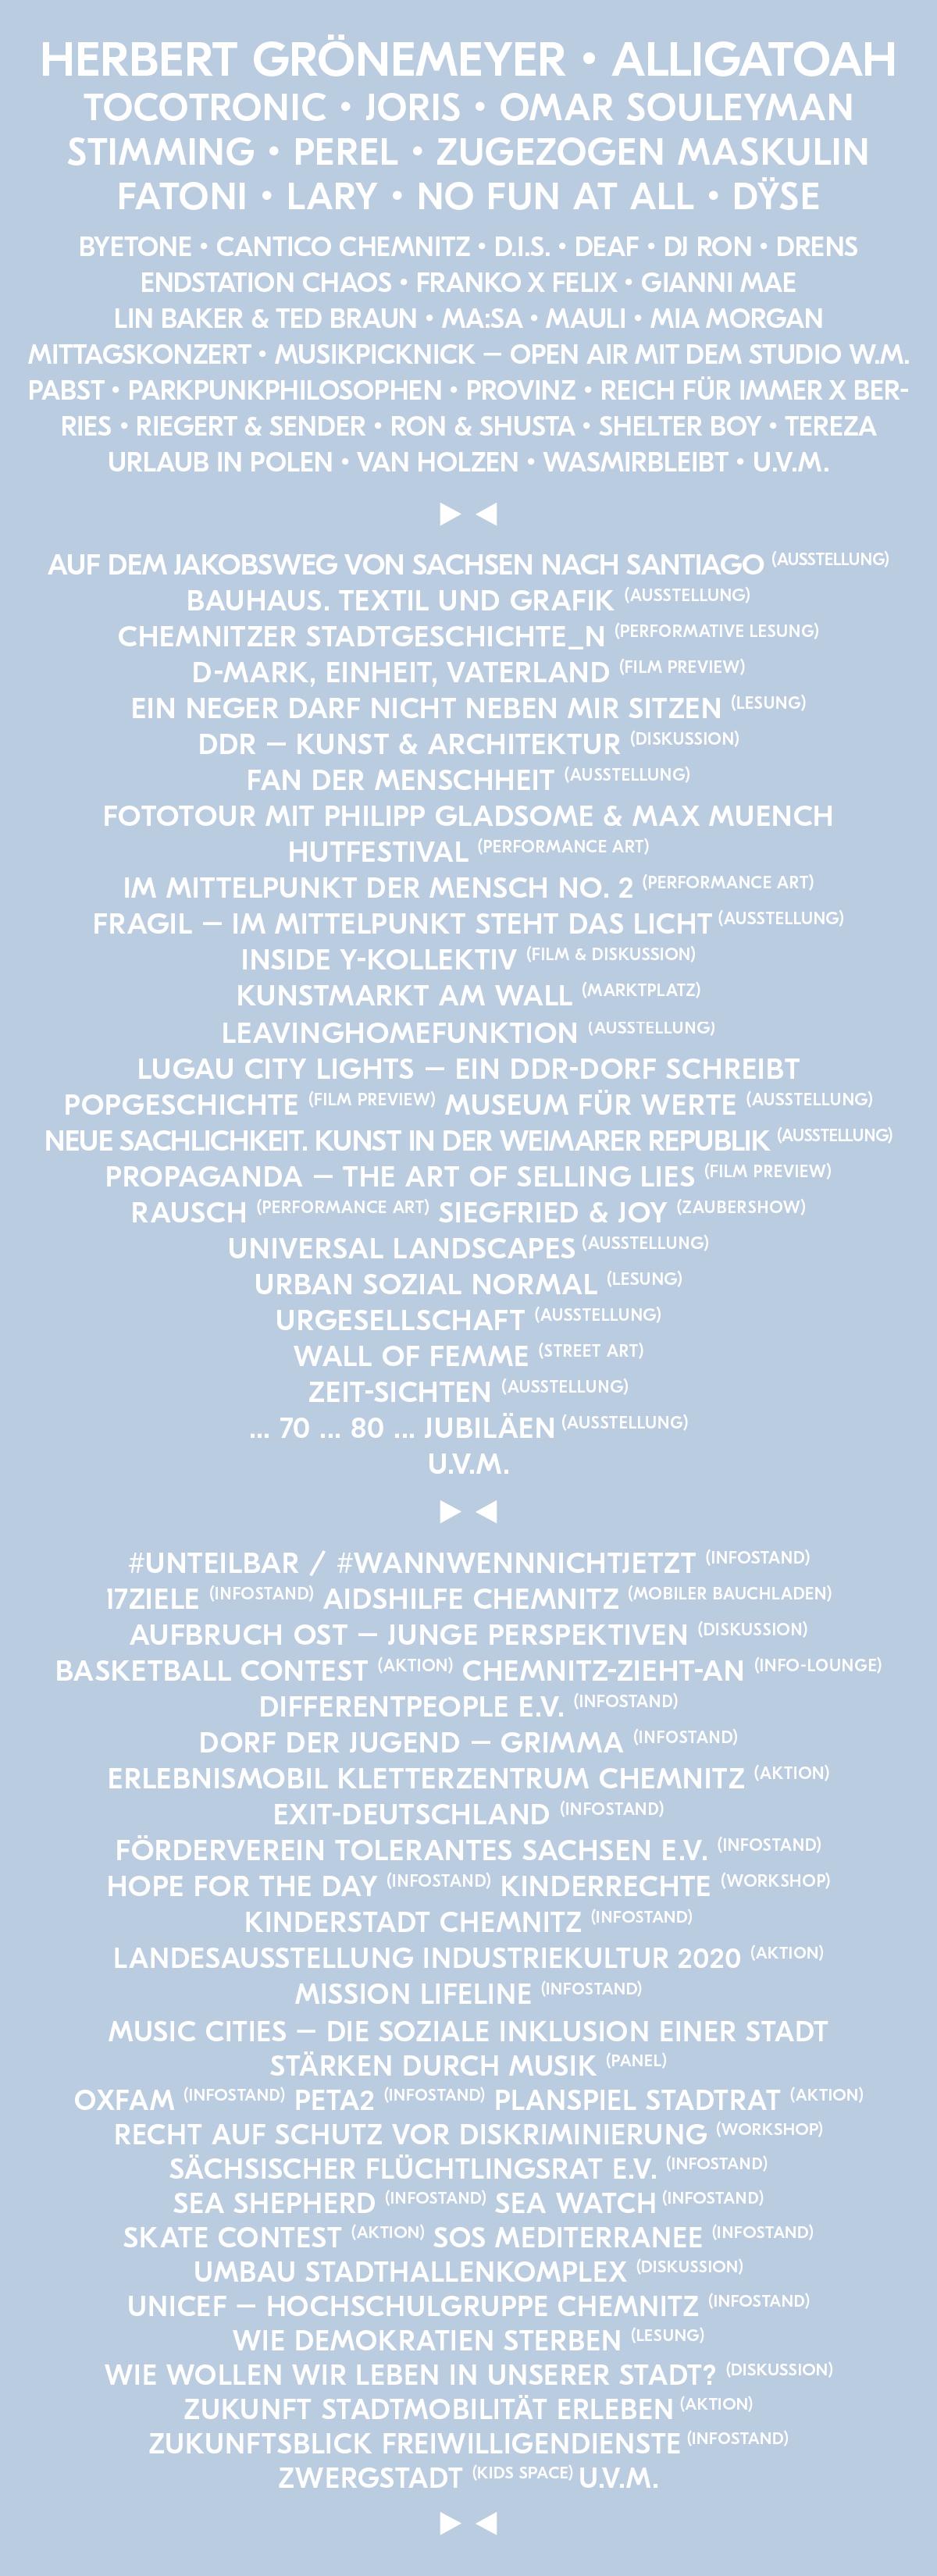 Kosmos Chemnitz Line Up